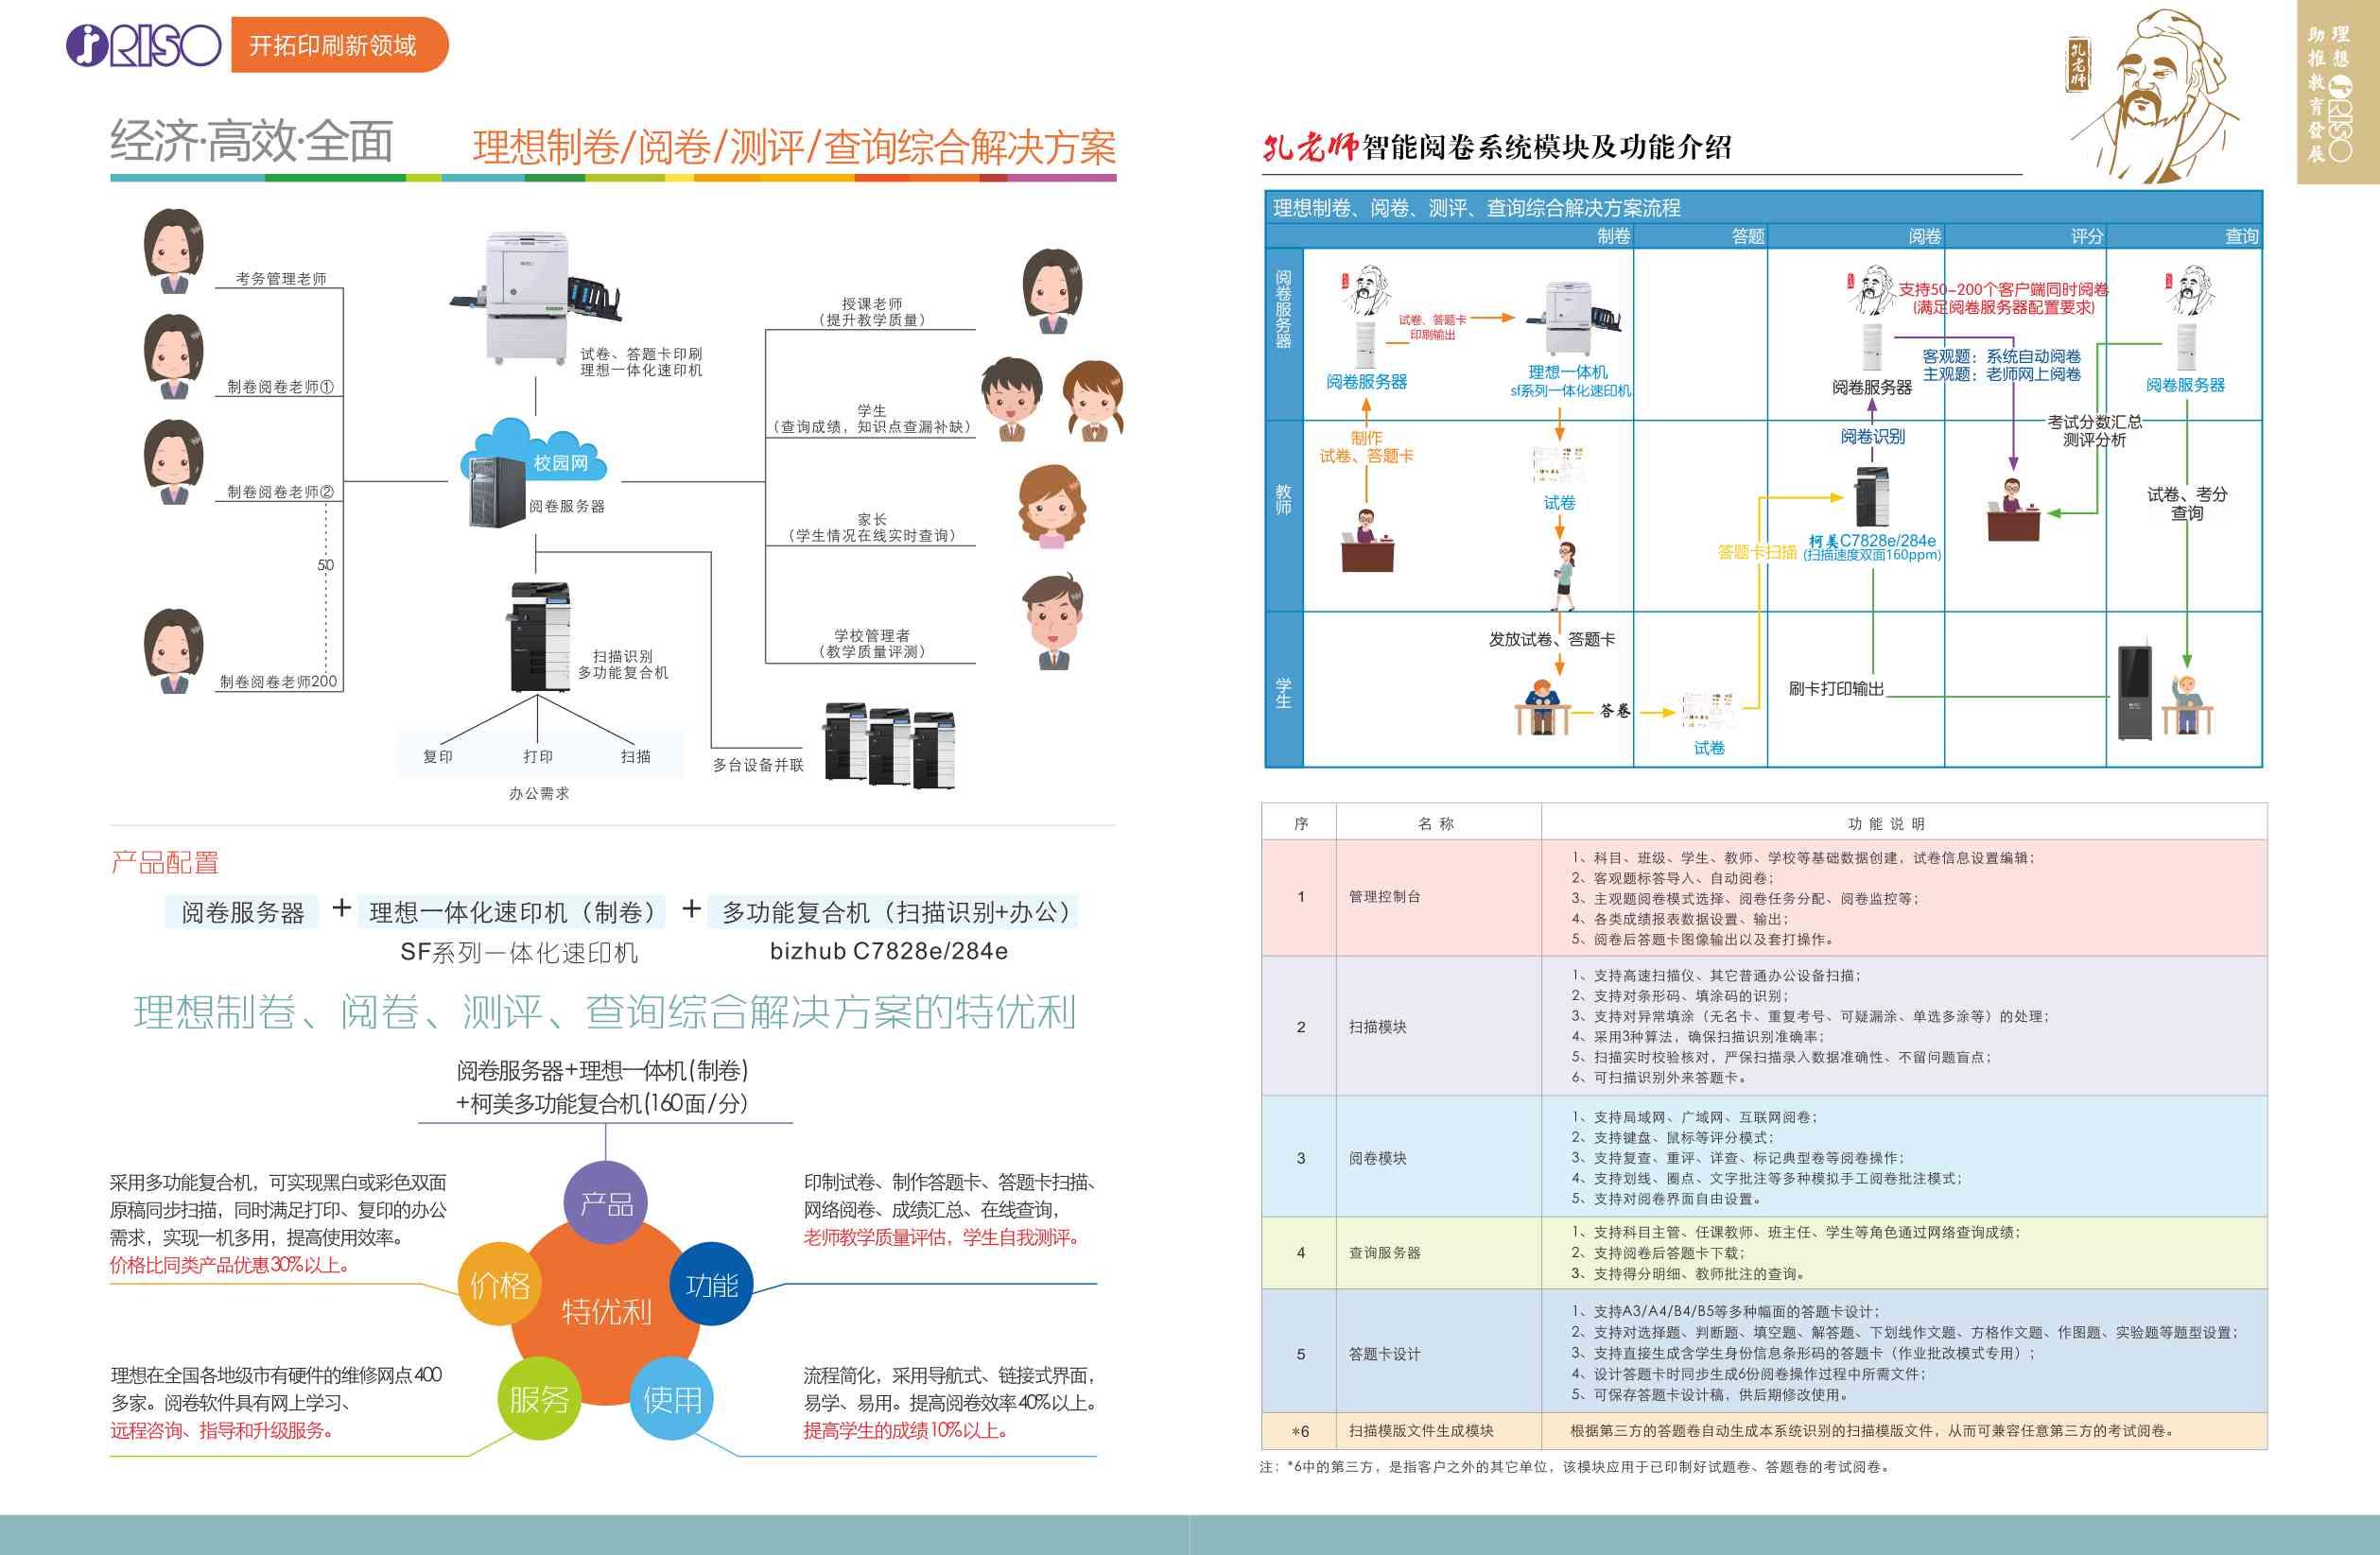 理想制卷閱卷測評綜合解決方案4.jpg